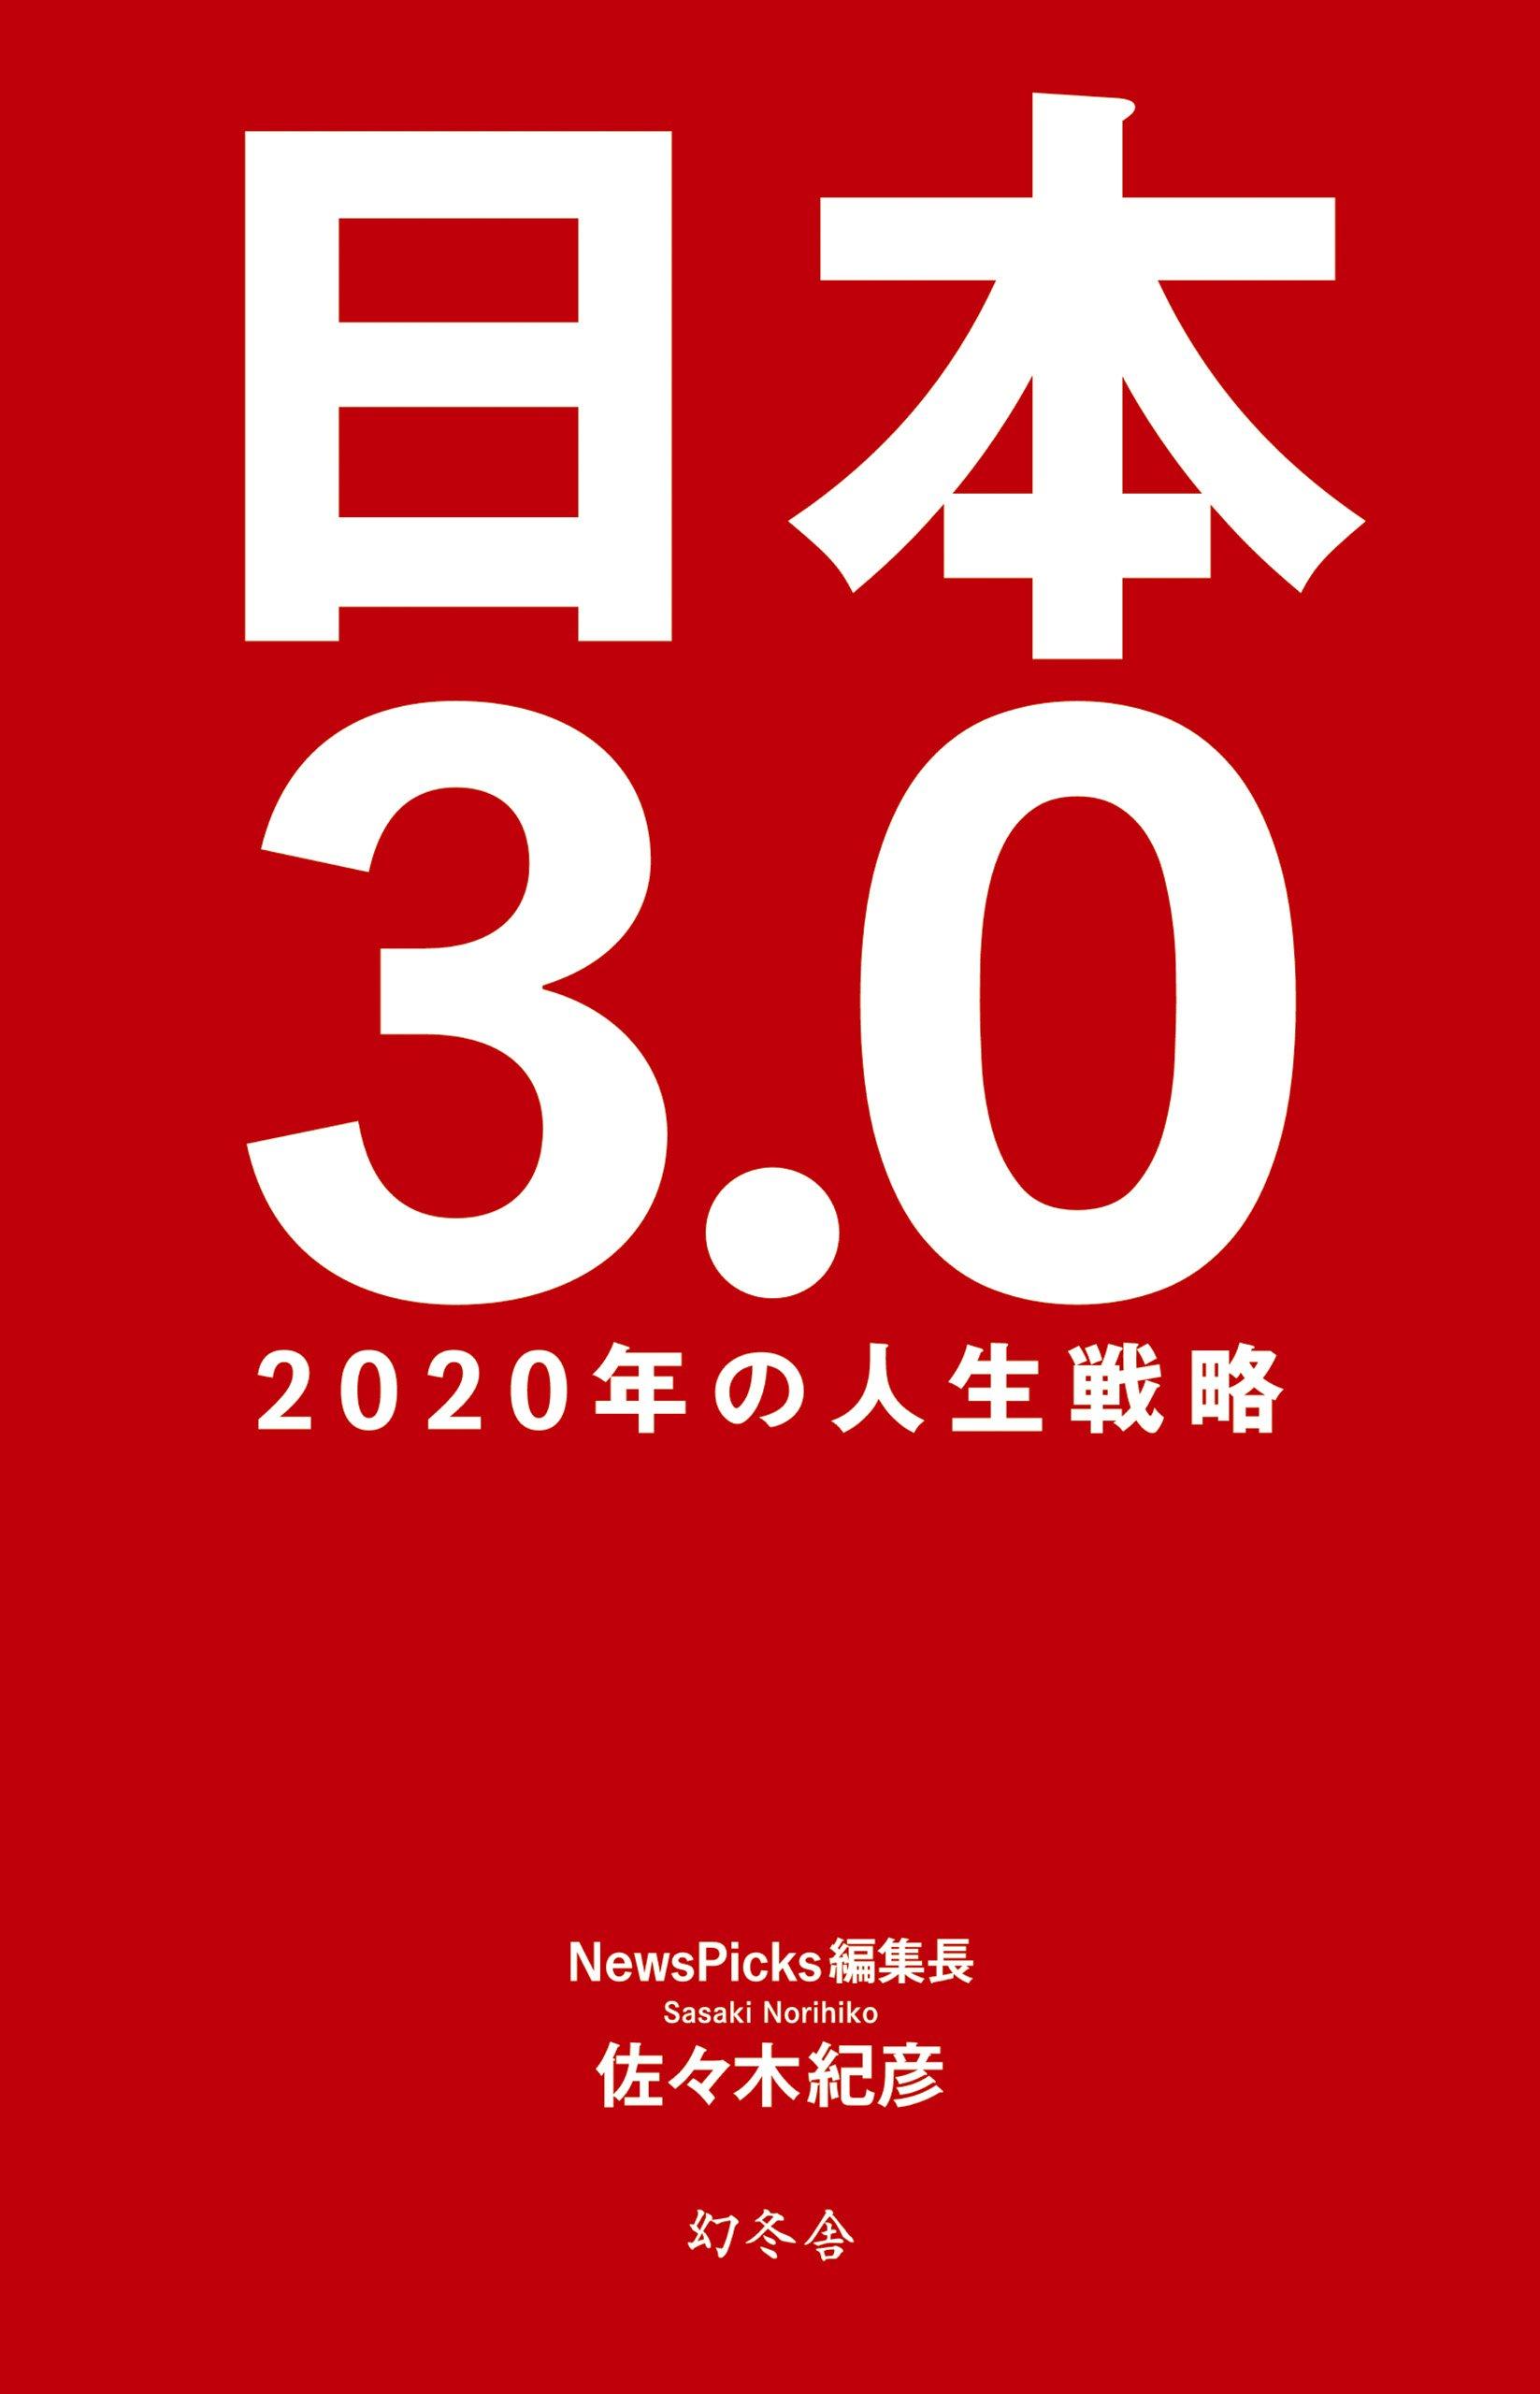 2020年のテレビ (日本)